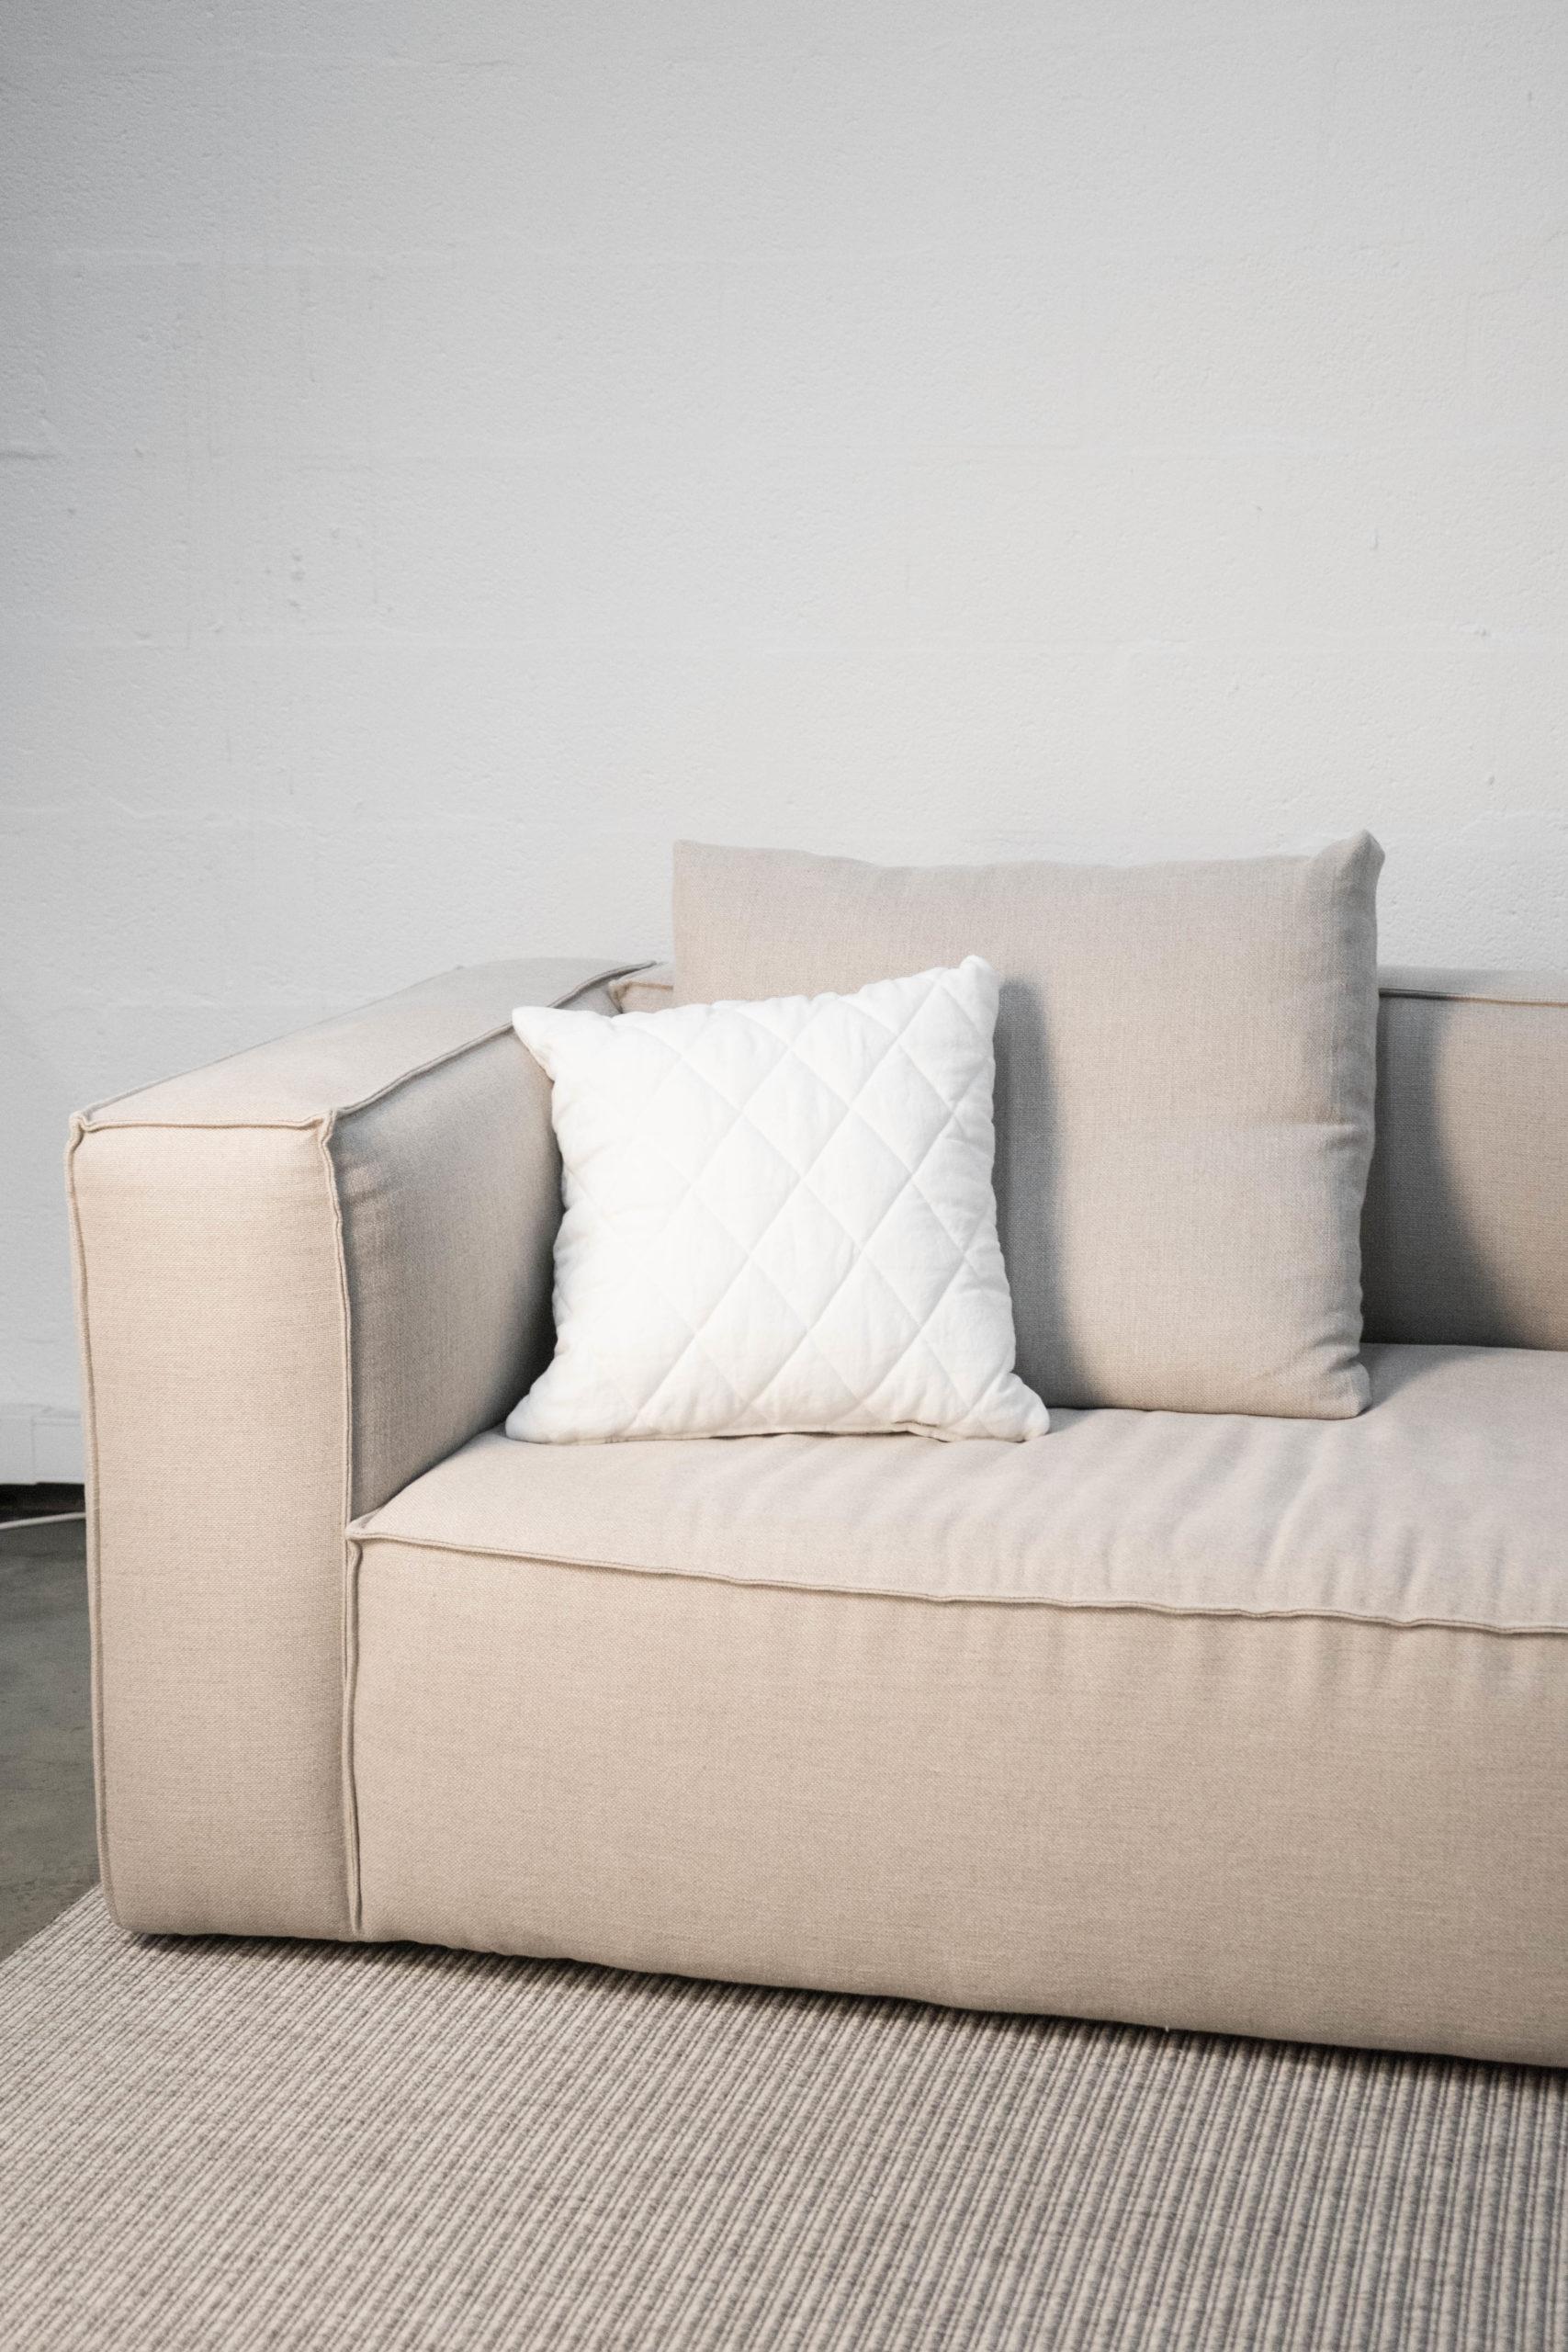 sofa otto hecho a mano comodo de color beige para salon grande